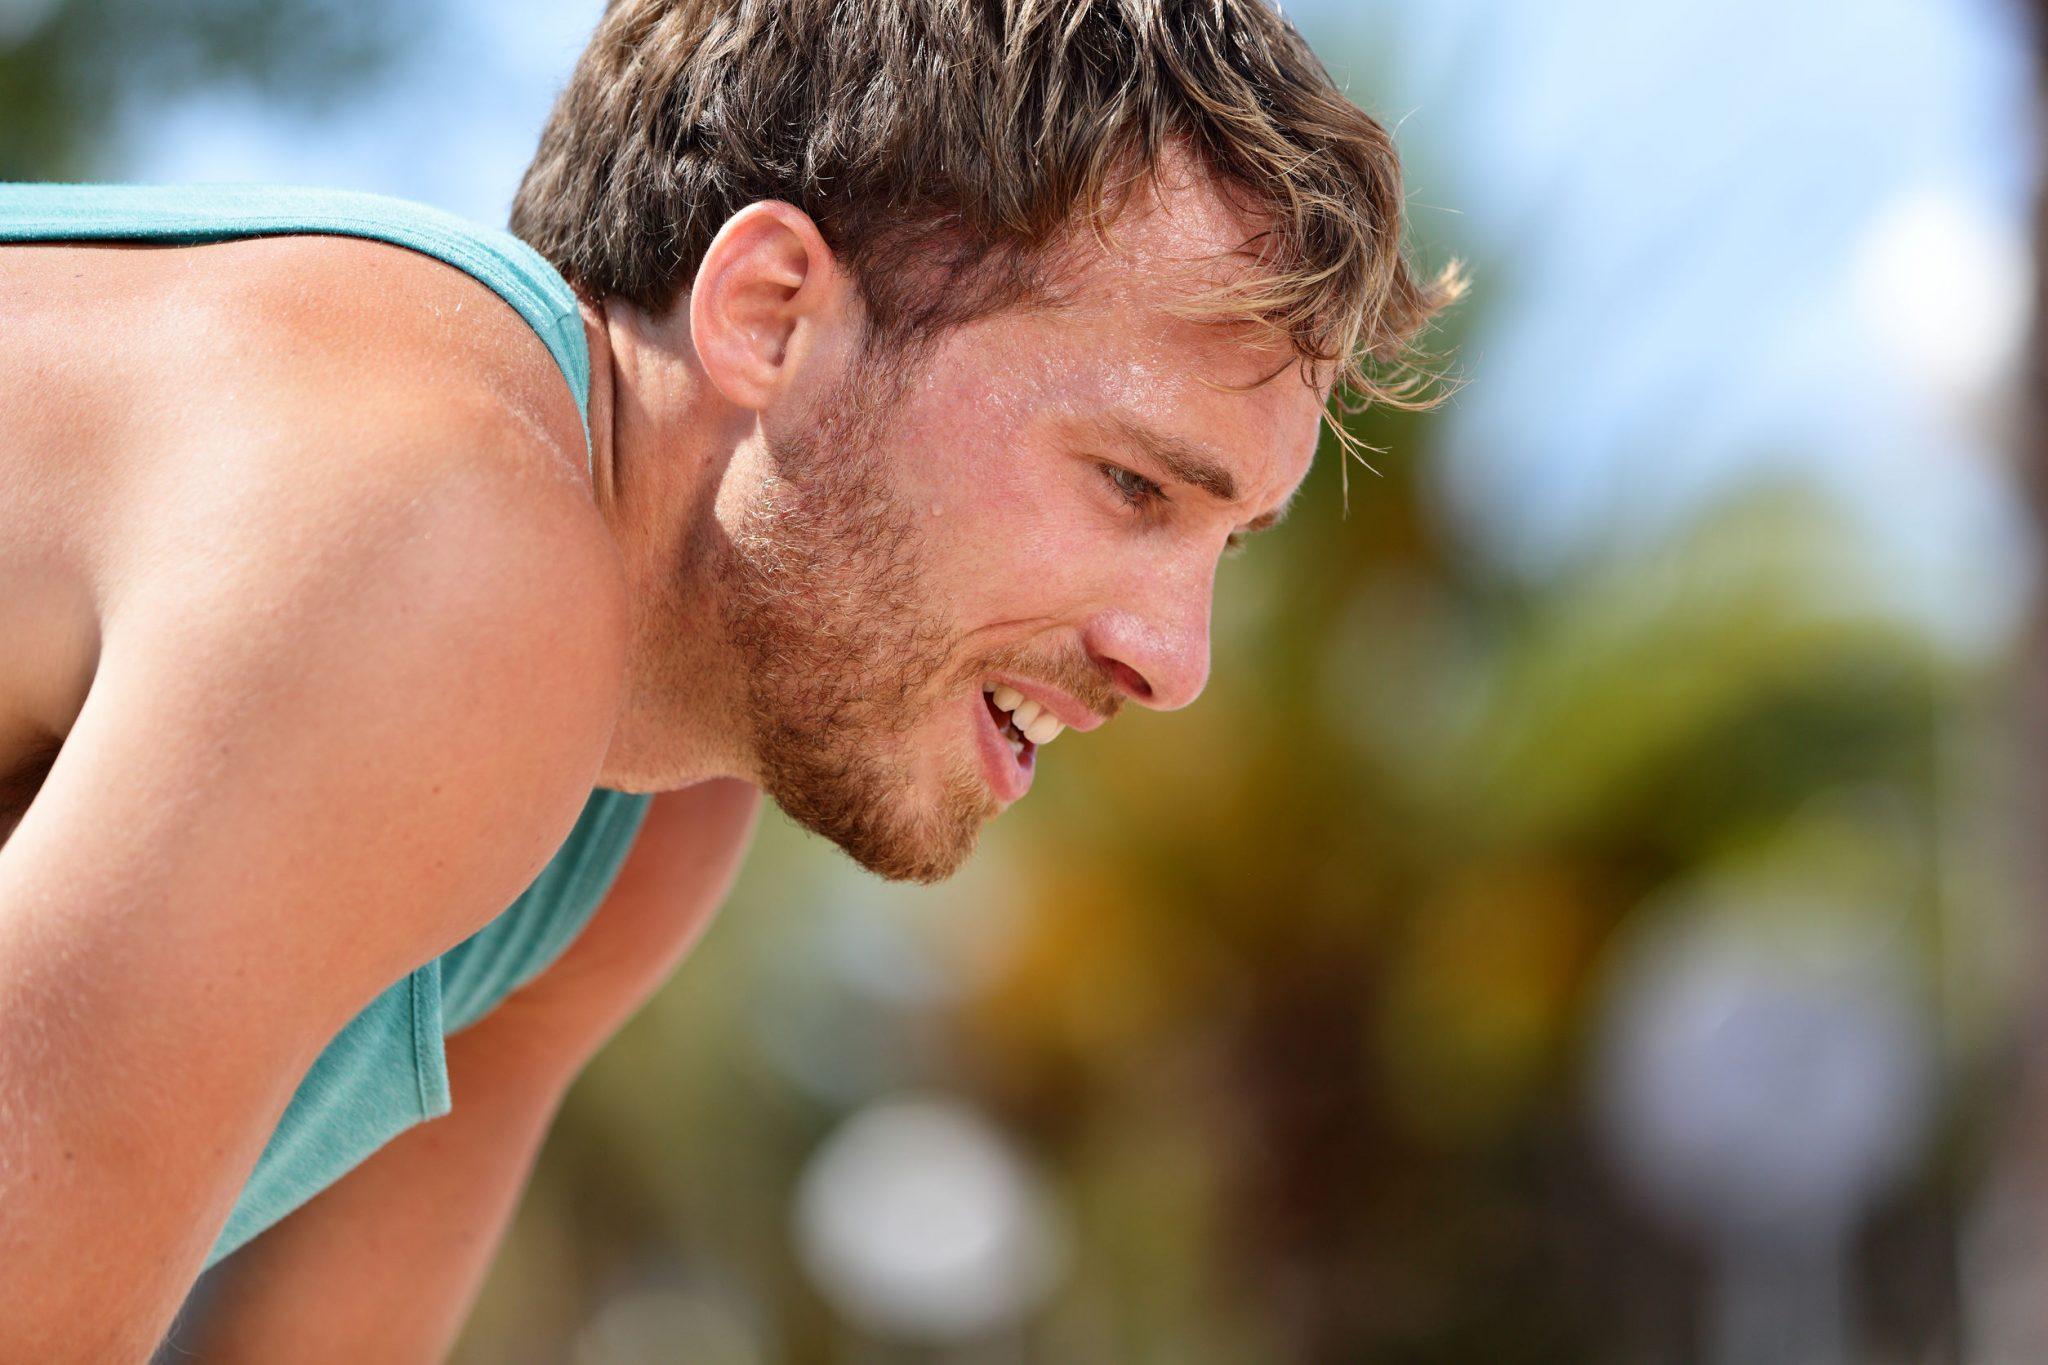 Espasmos musculares: quando se preocupar e como tratar